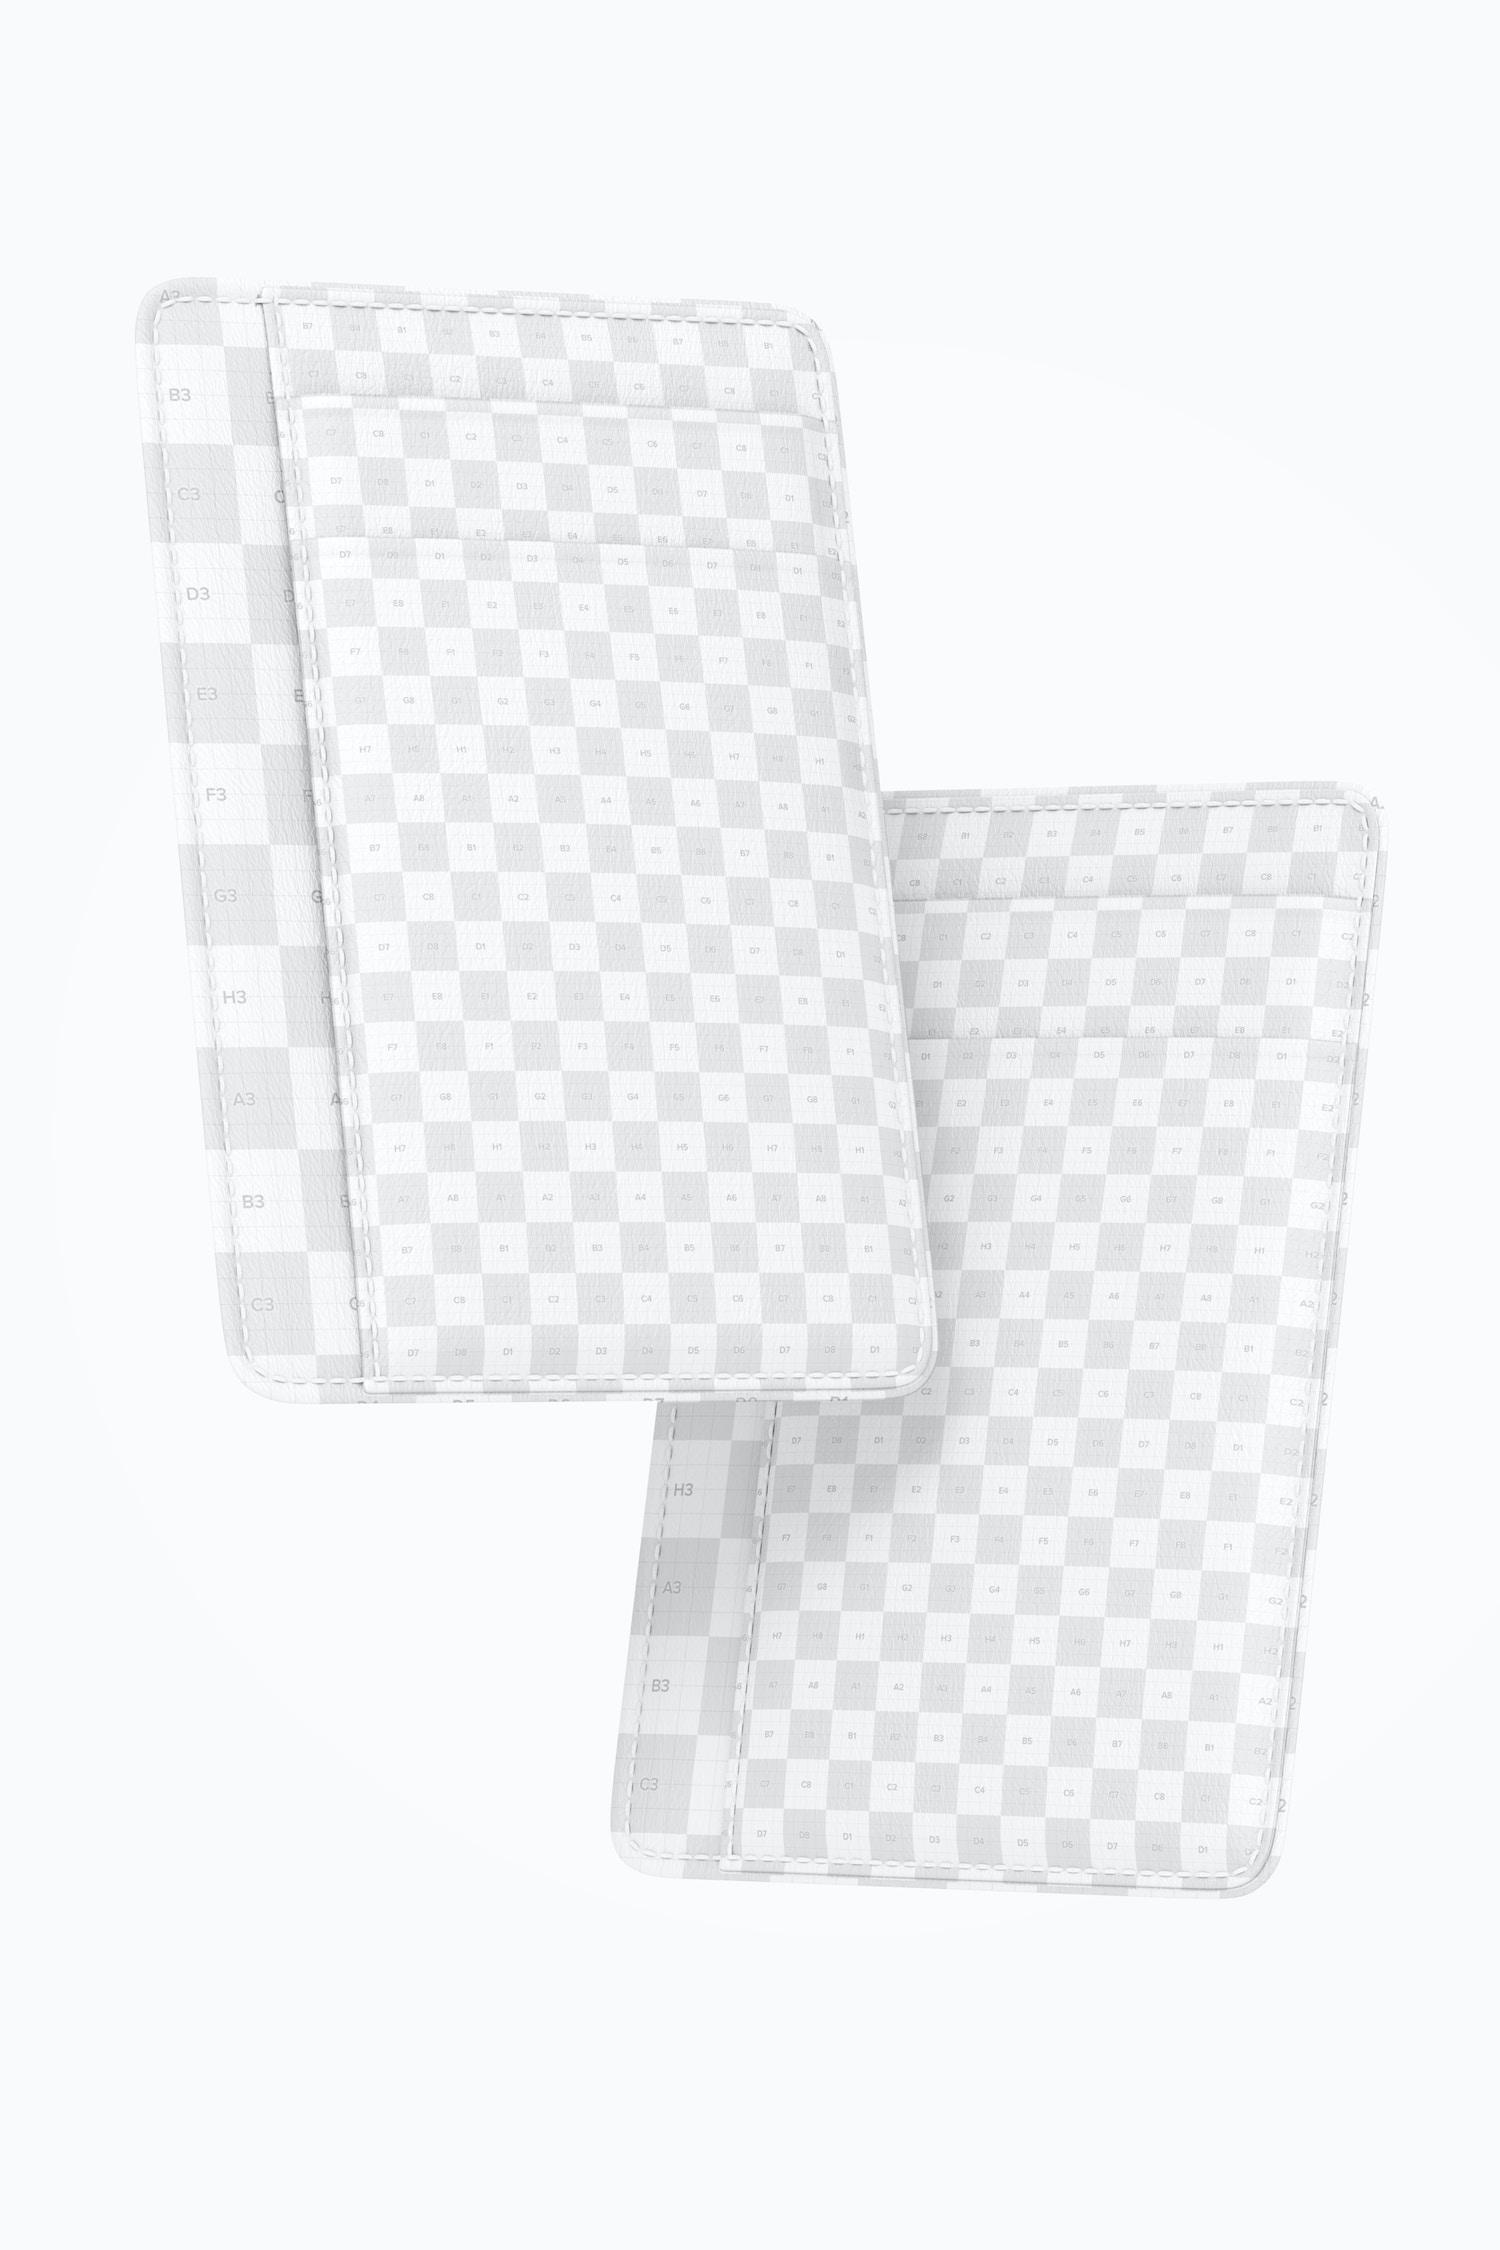 Leather Slim Wallet Mockup, Floating